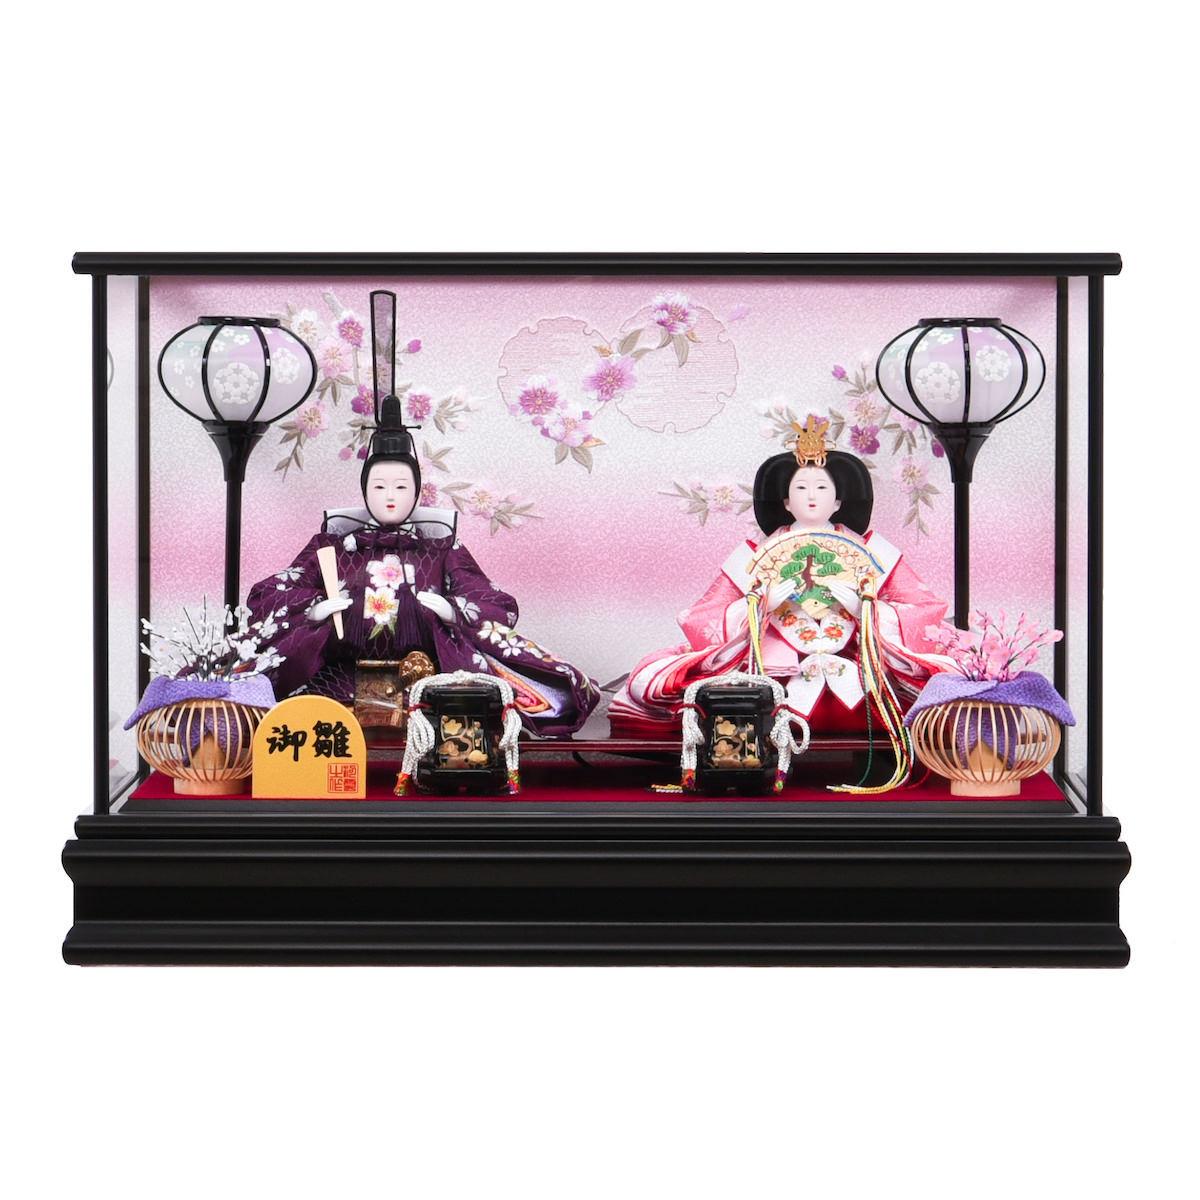 雛人形 三五 ケース入親王飾り 送料無料